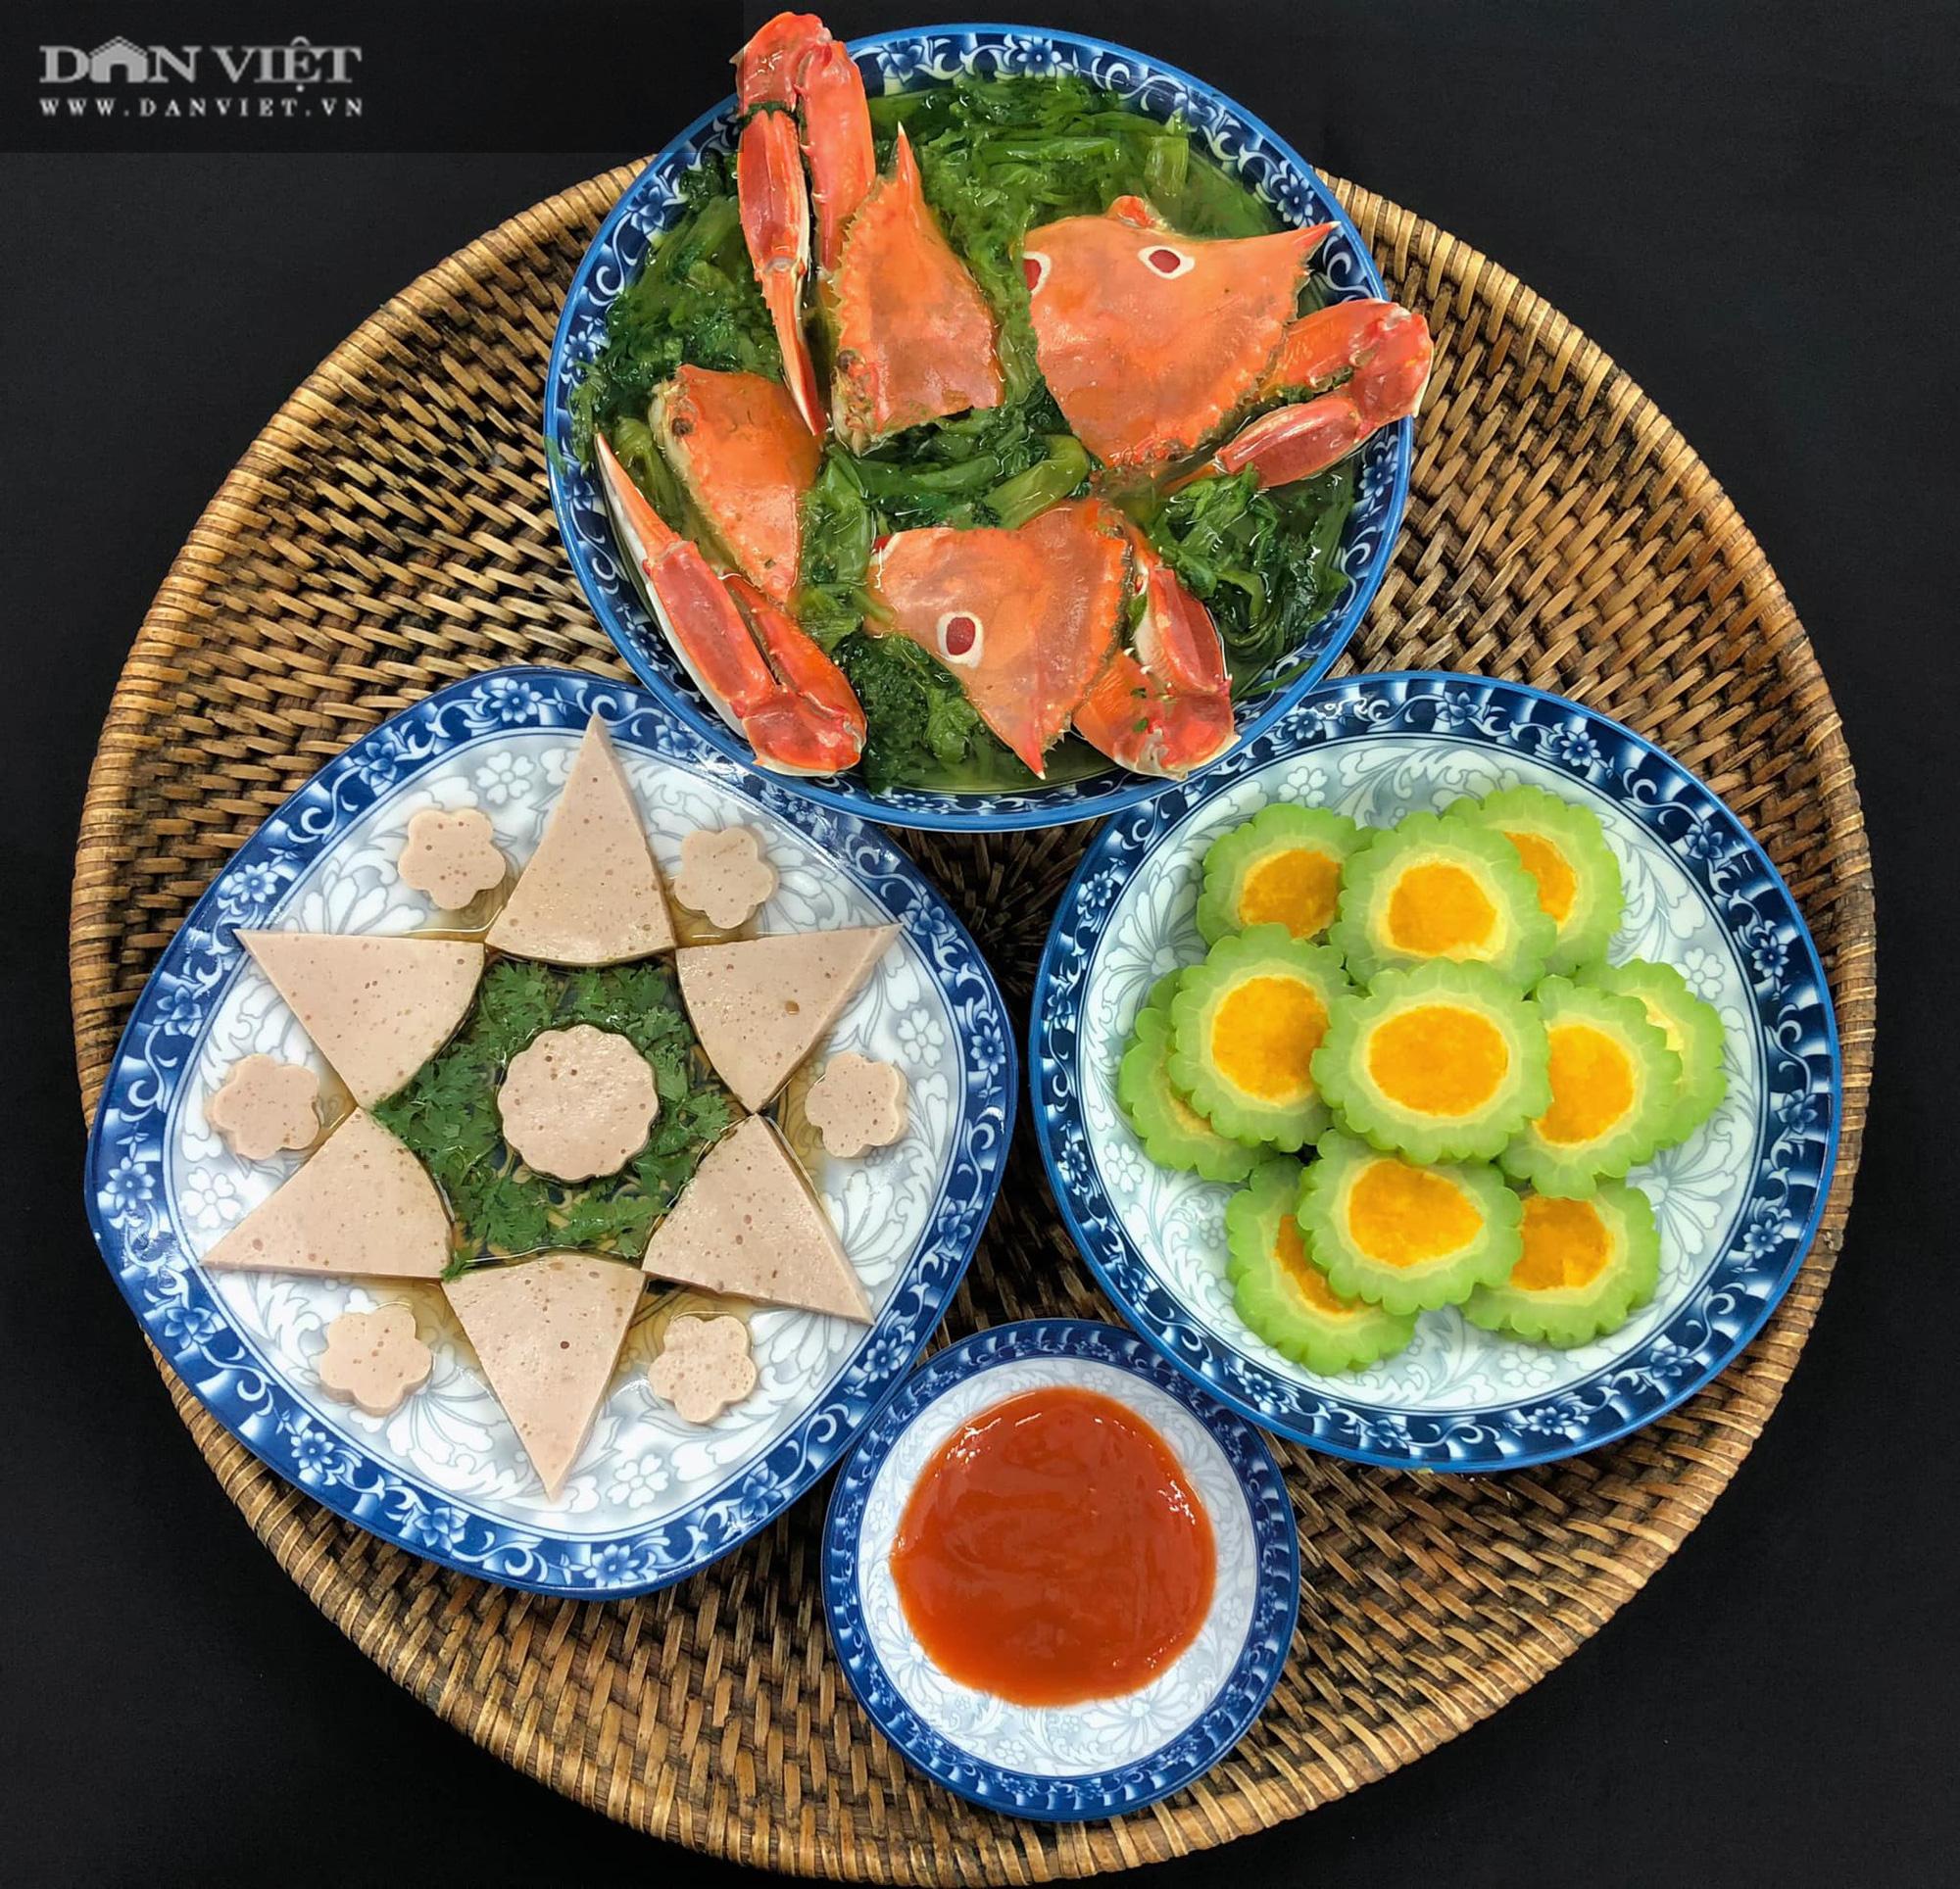 Gợi ý 7 thực đơn đủ dinh dưỡng cho bữa cơm gia đình - Ảnh 4.